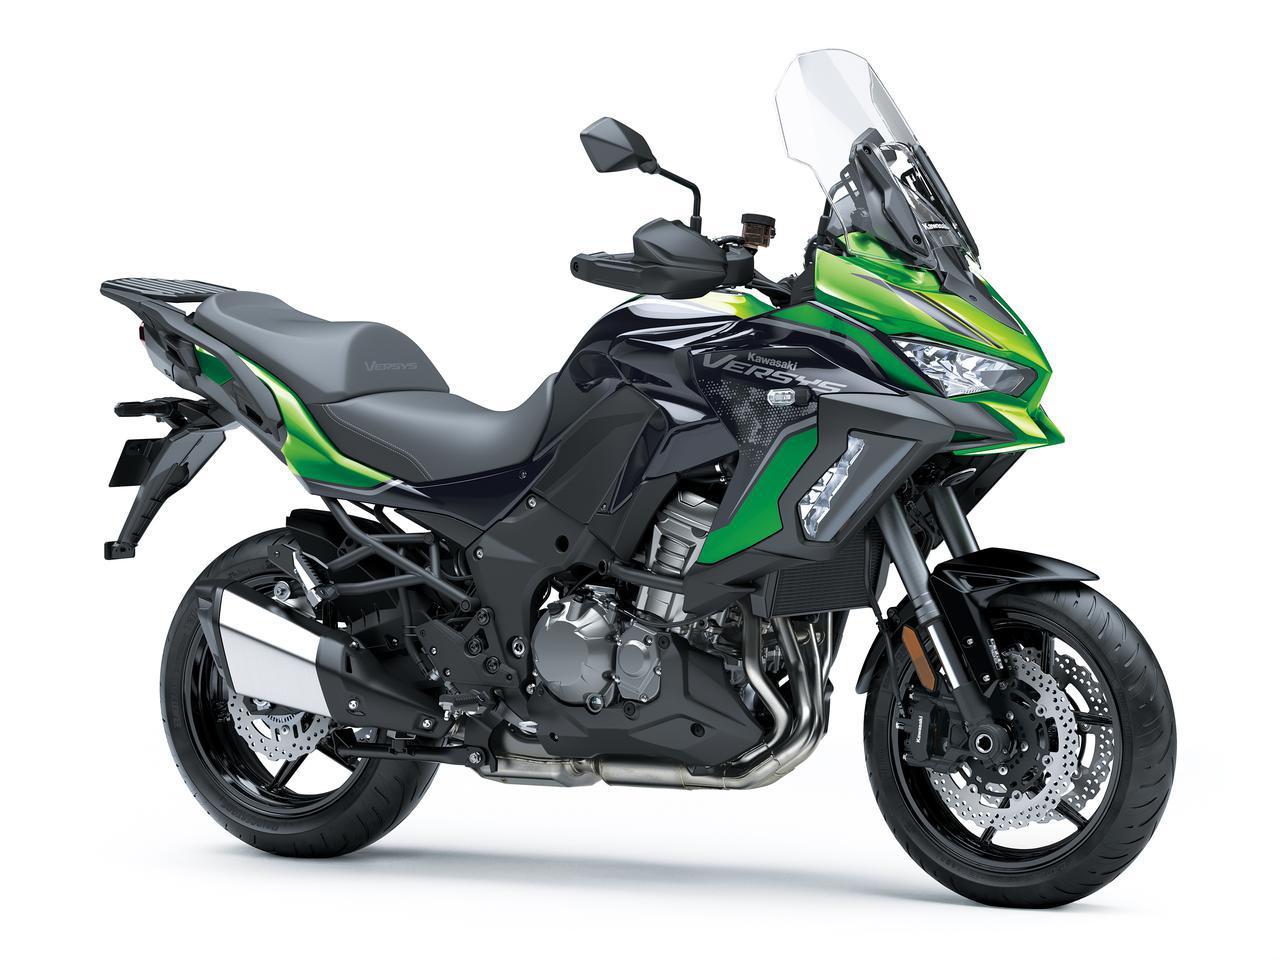 画像: 【2021年新型の写真 10枚】カワサキ「ヴェルシス1000SE」(欧州仕様車) - webオートバイ